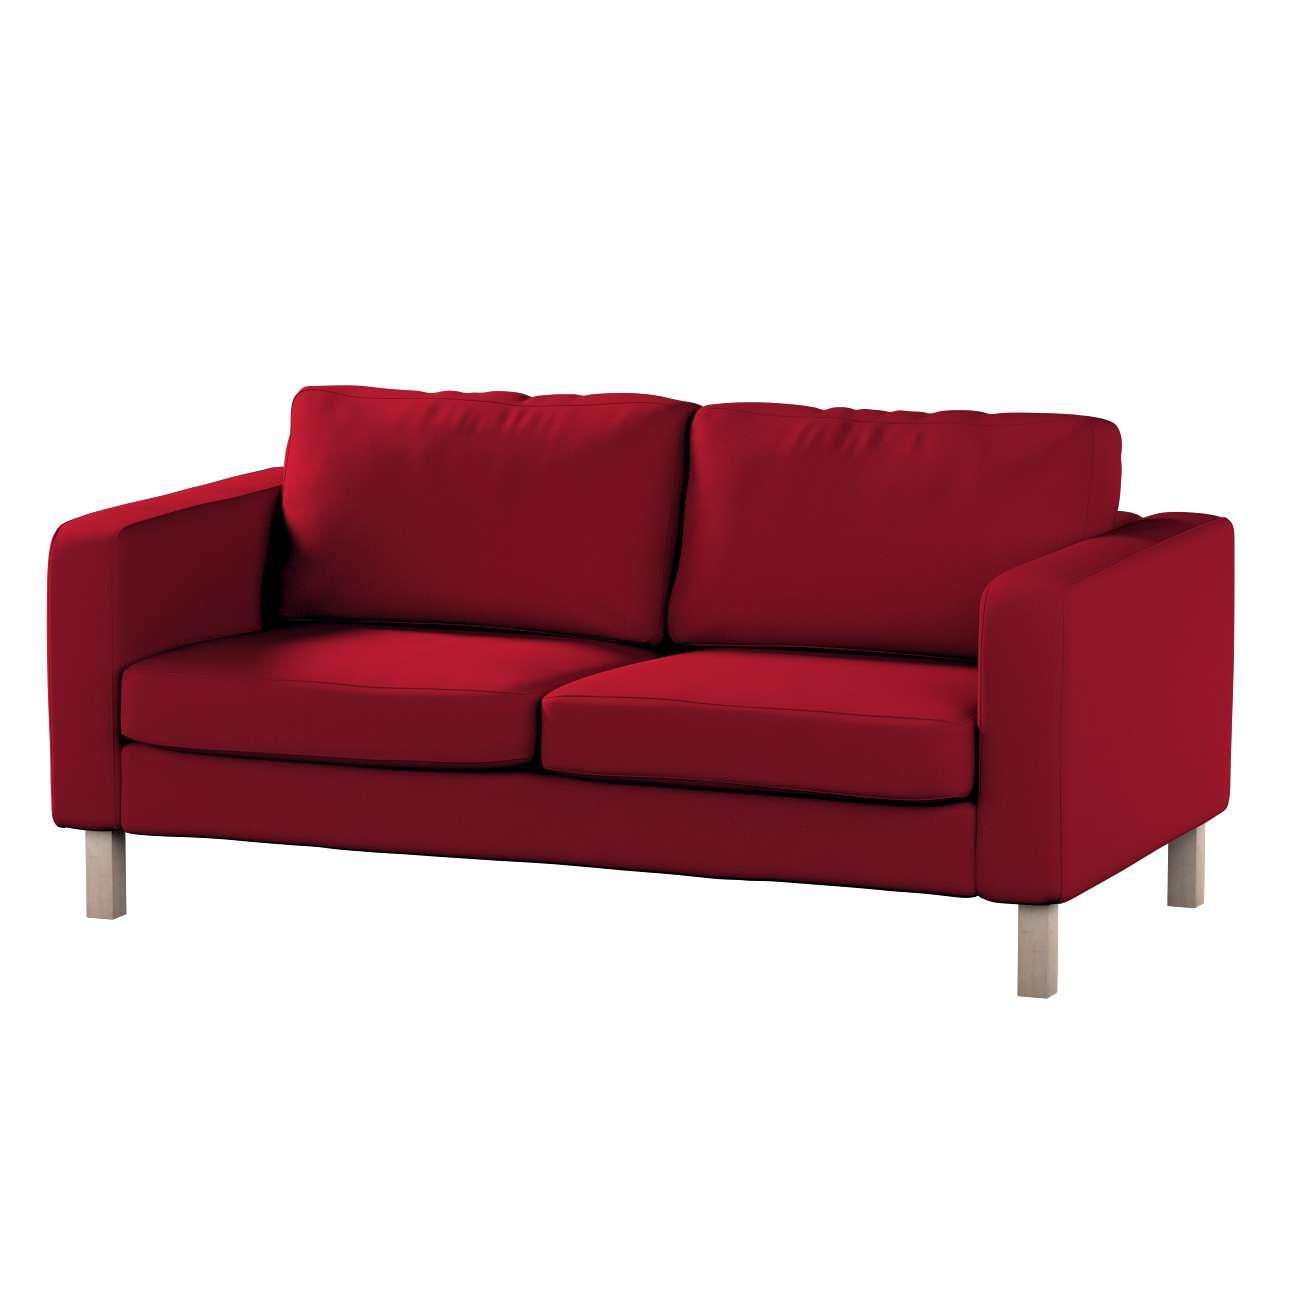 Karlstad 2-Sitzer Sofabezug nicht ausklappbar Sofahusse, Karlstad 2-Sitzer von der Kollektion Etna, Stoff: 705-60